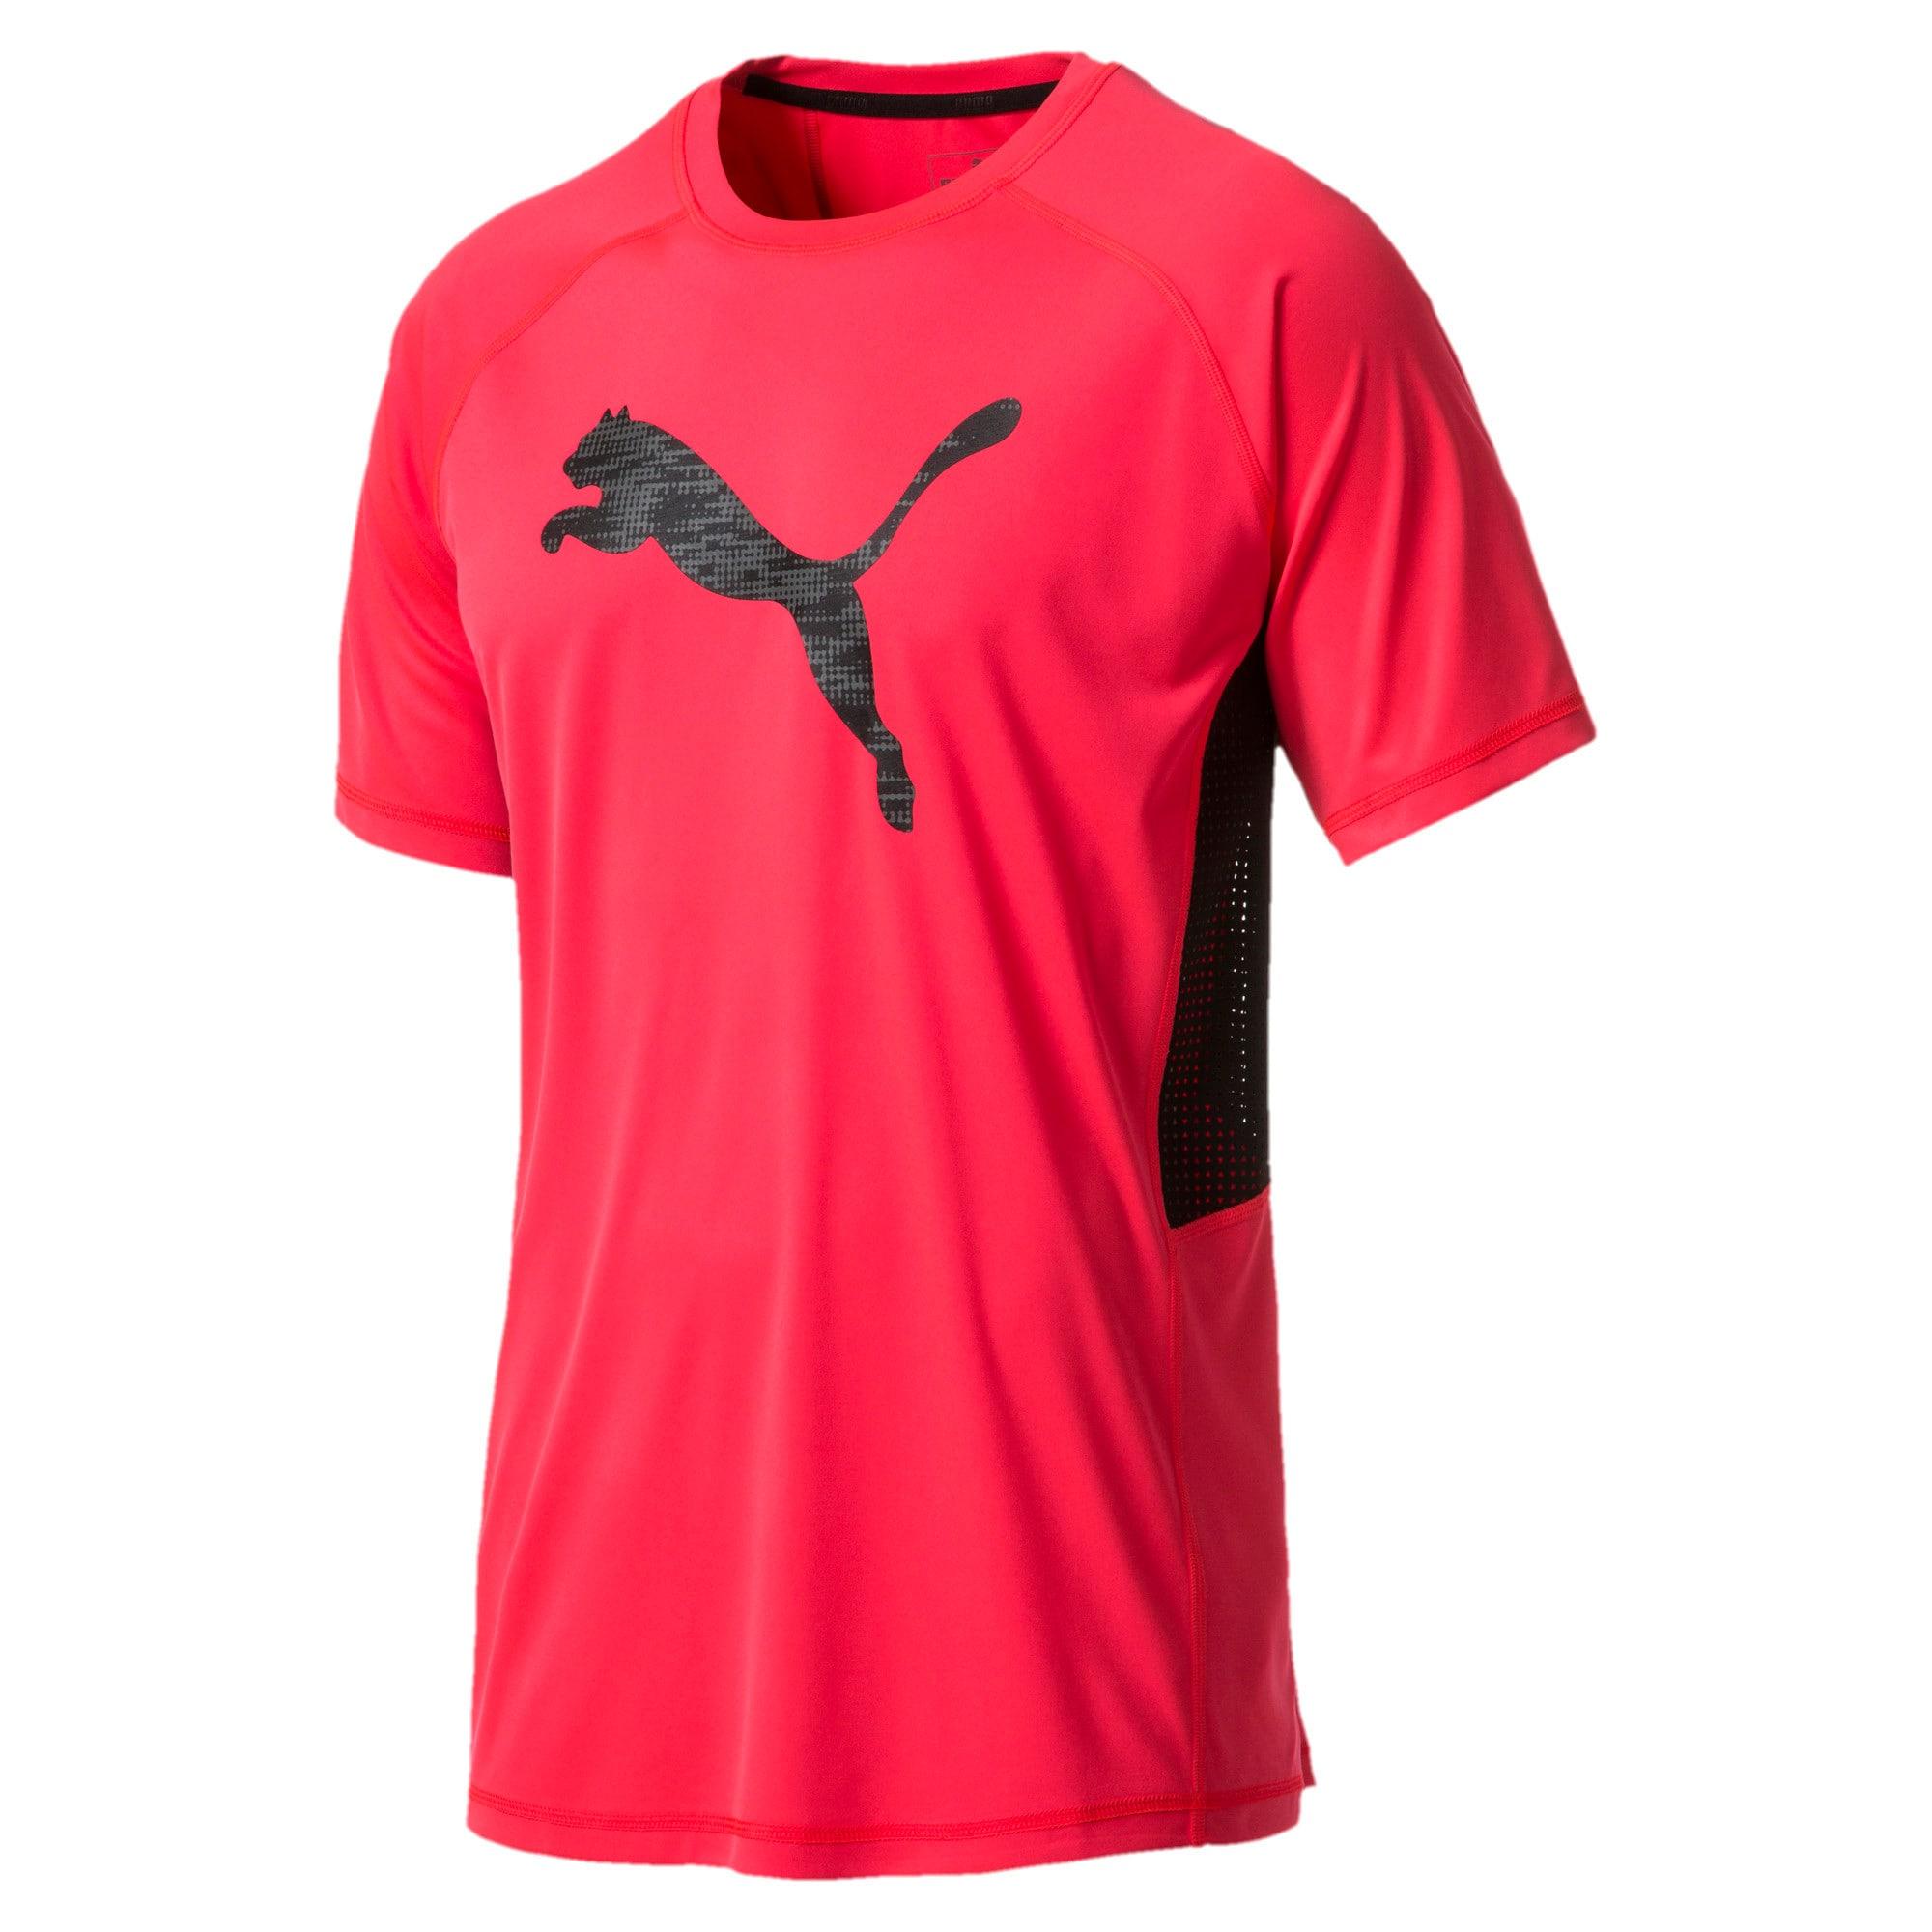 Thumbnail 3 of Active Training Men's Vent Cat T-Shirt, Bright Plasma, medium-IND